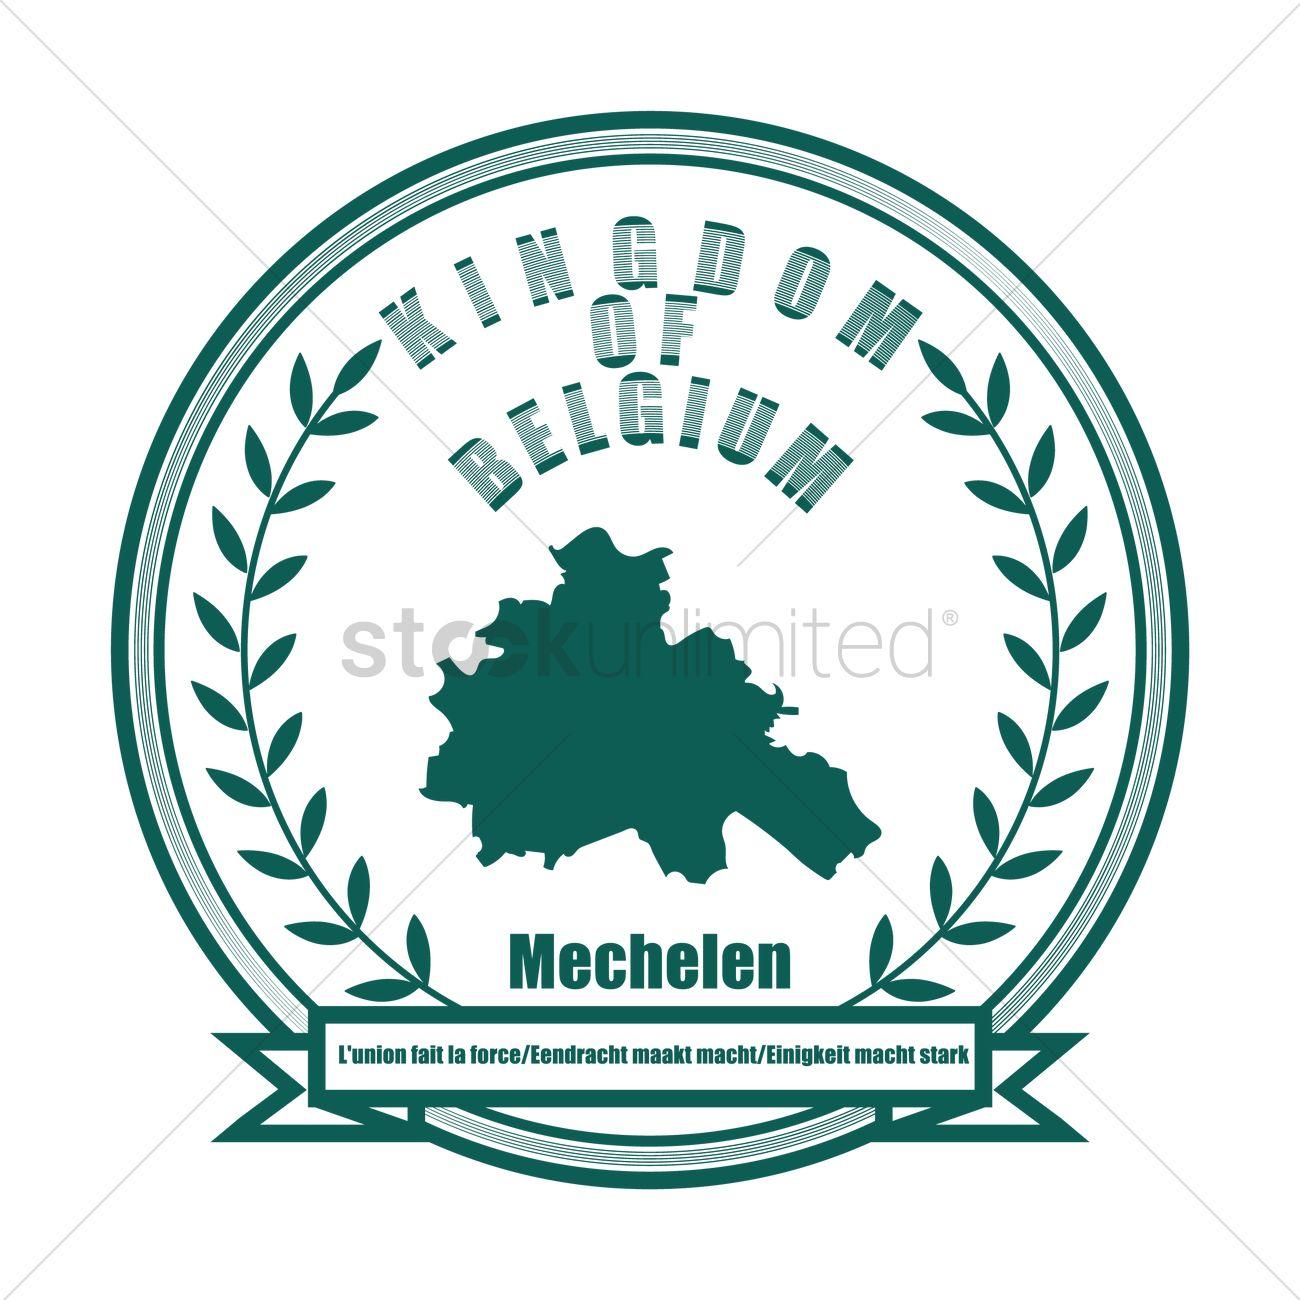 Mechelen map Vector Image 1585265 StockUnlimited